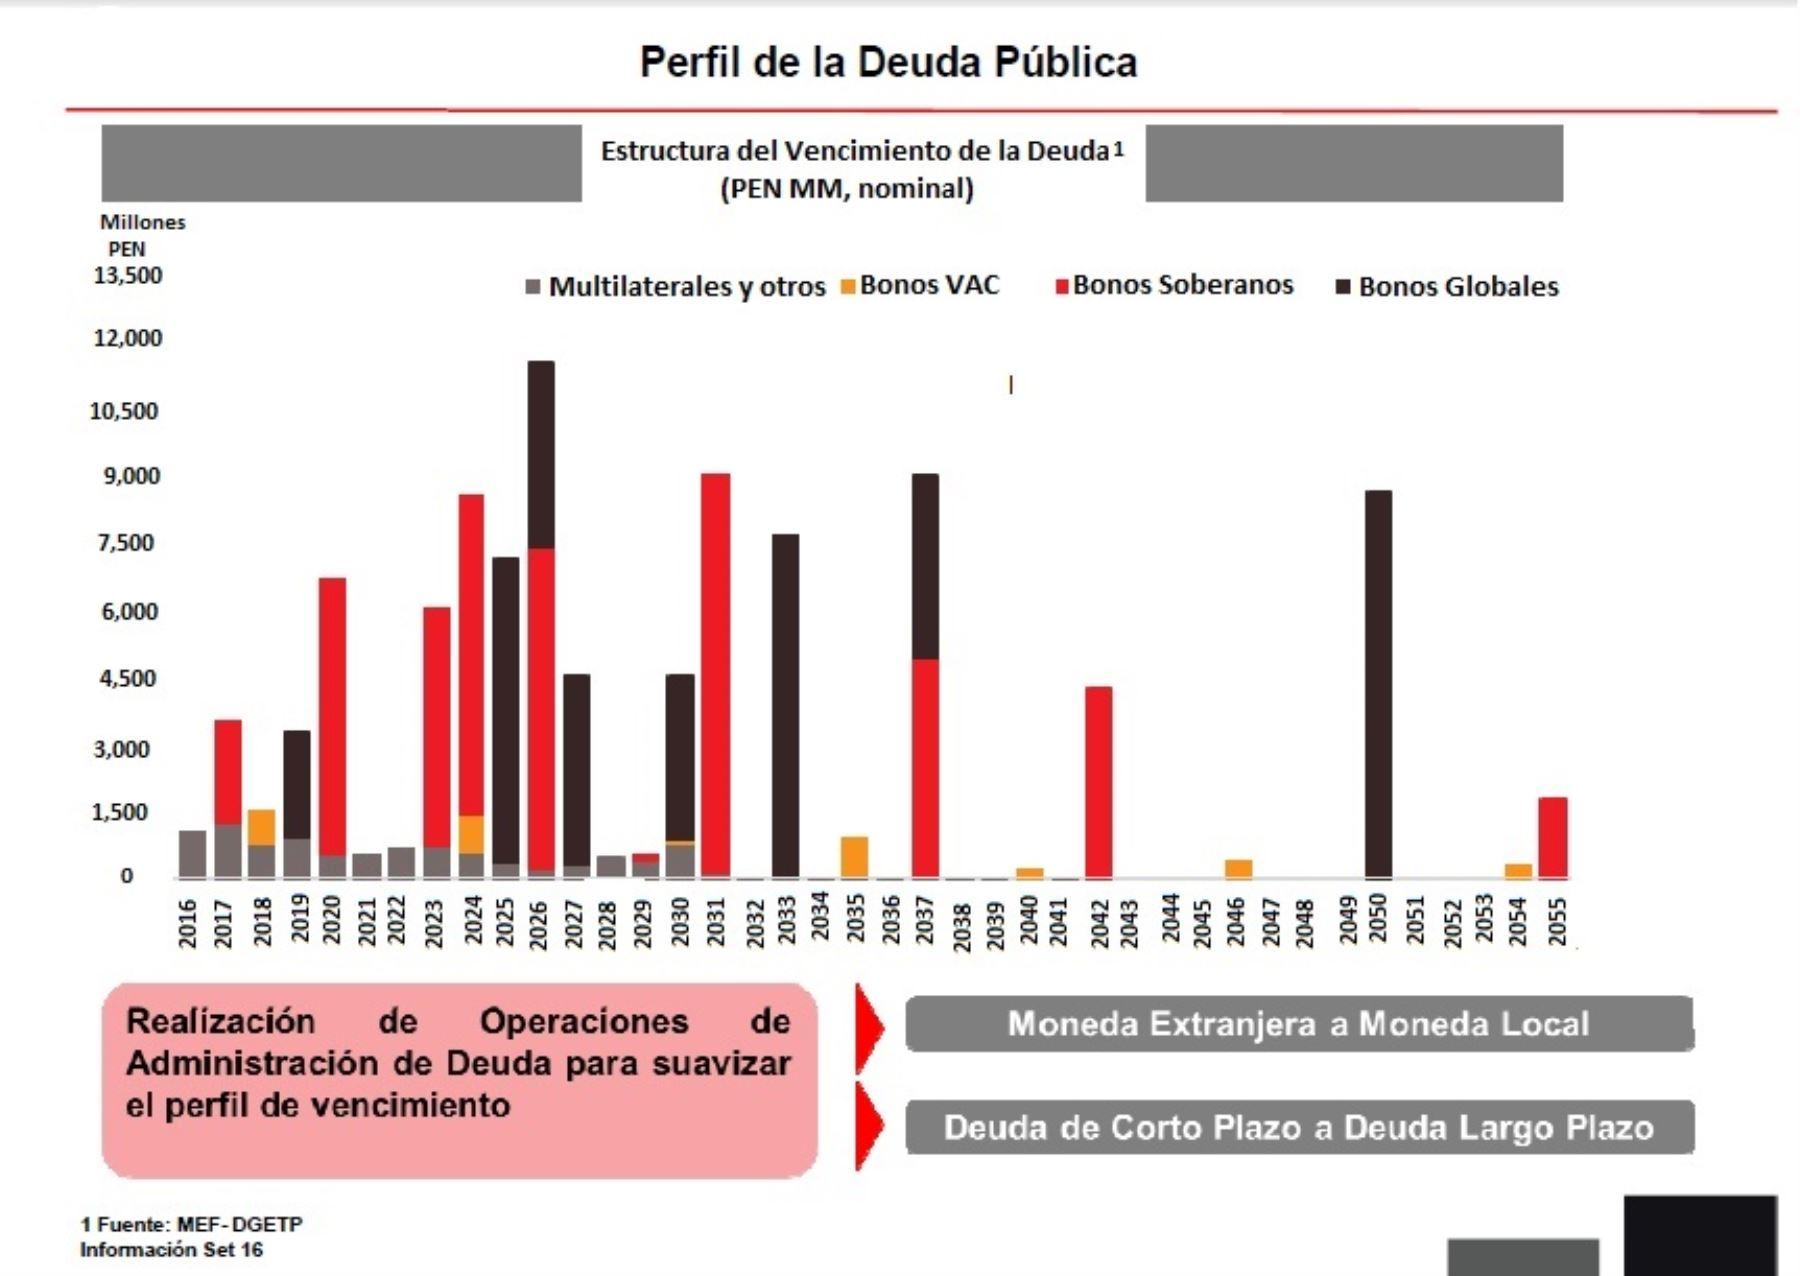 Perfil de la deuda pública septiembre 2016. Fuente MEF.